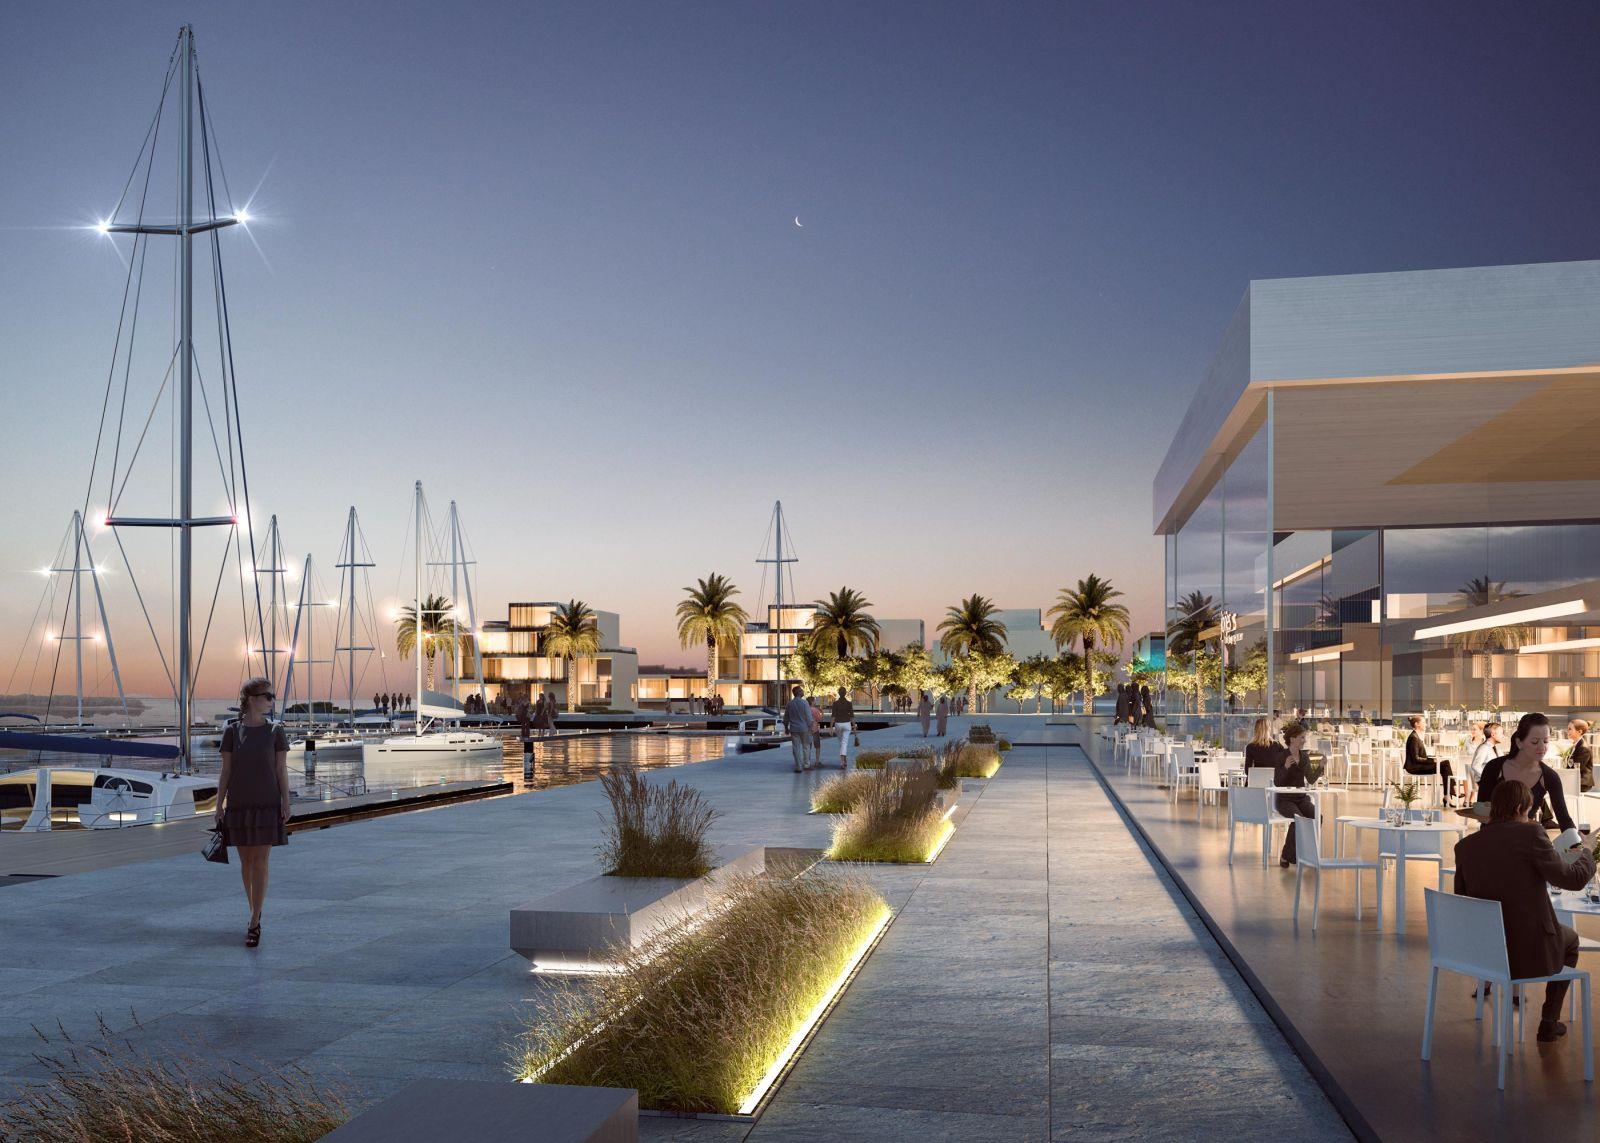 Jubail Port